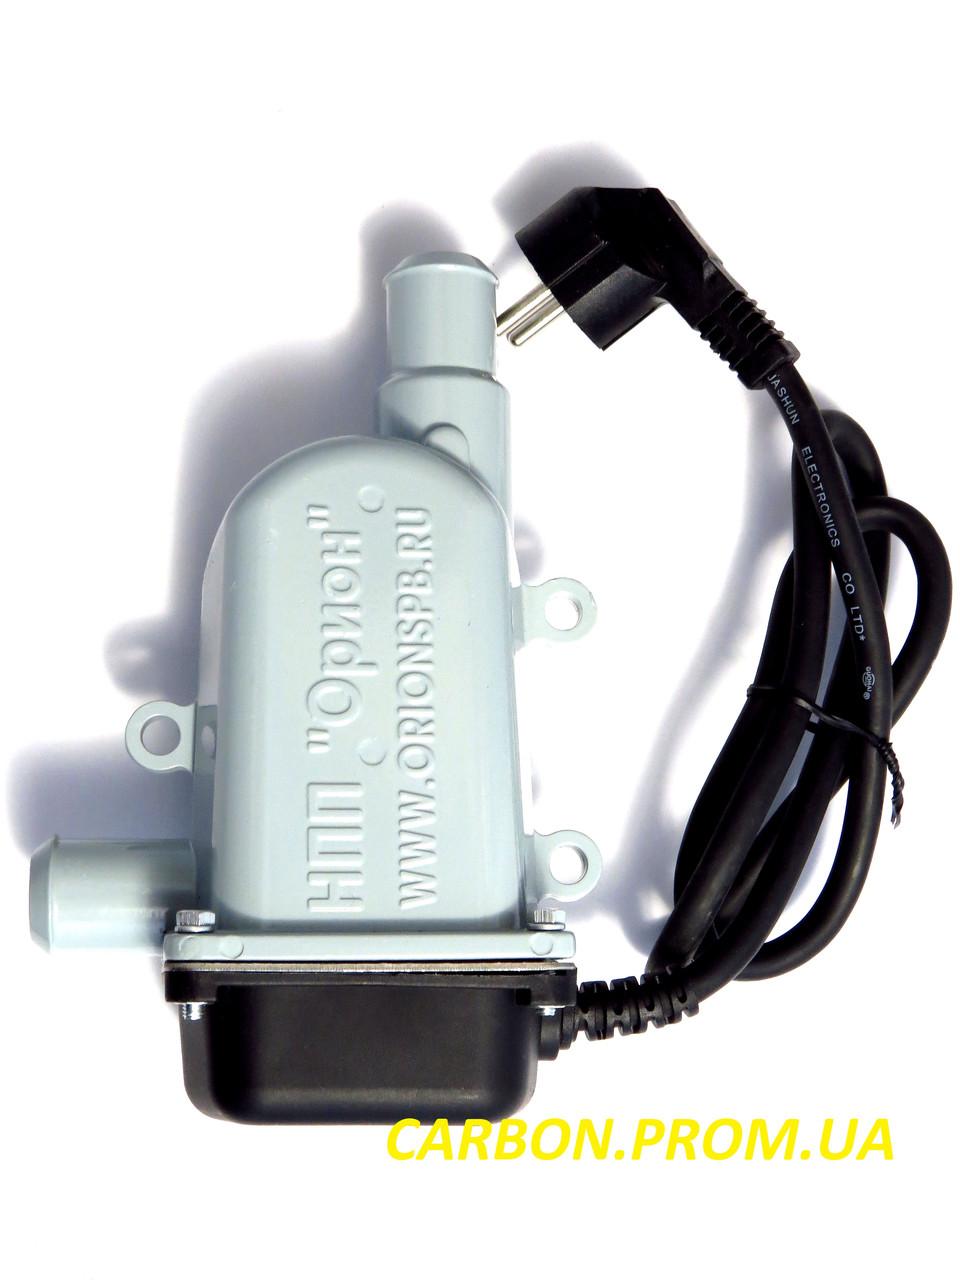 Автомобільний передпусковий підігрів охолоджуючої рідини 3 кВт Вимпел